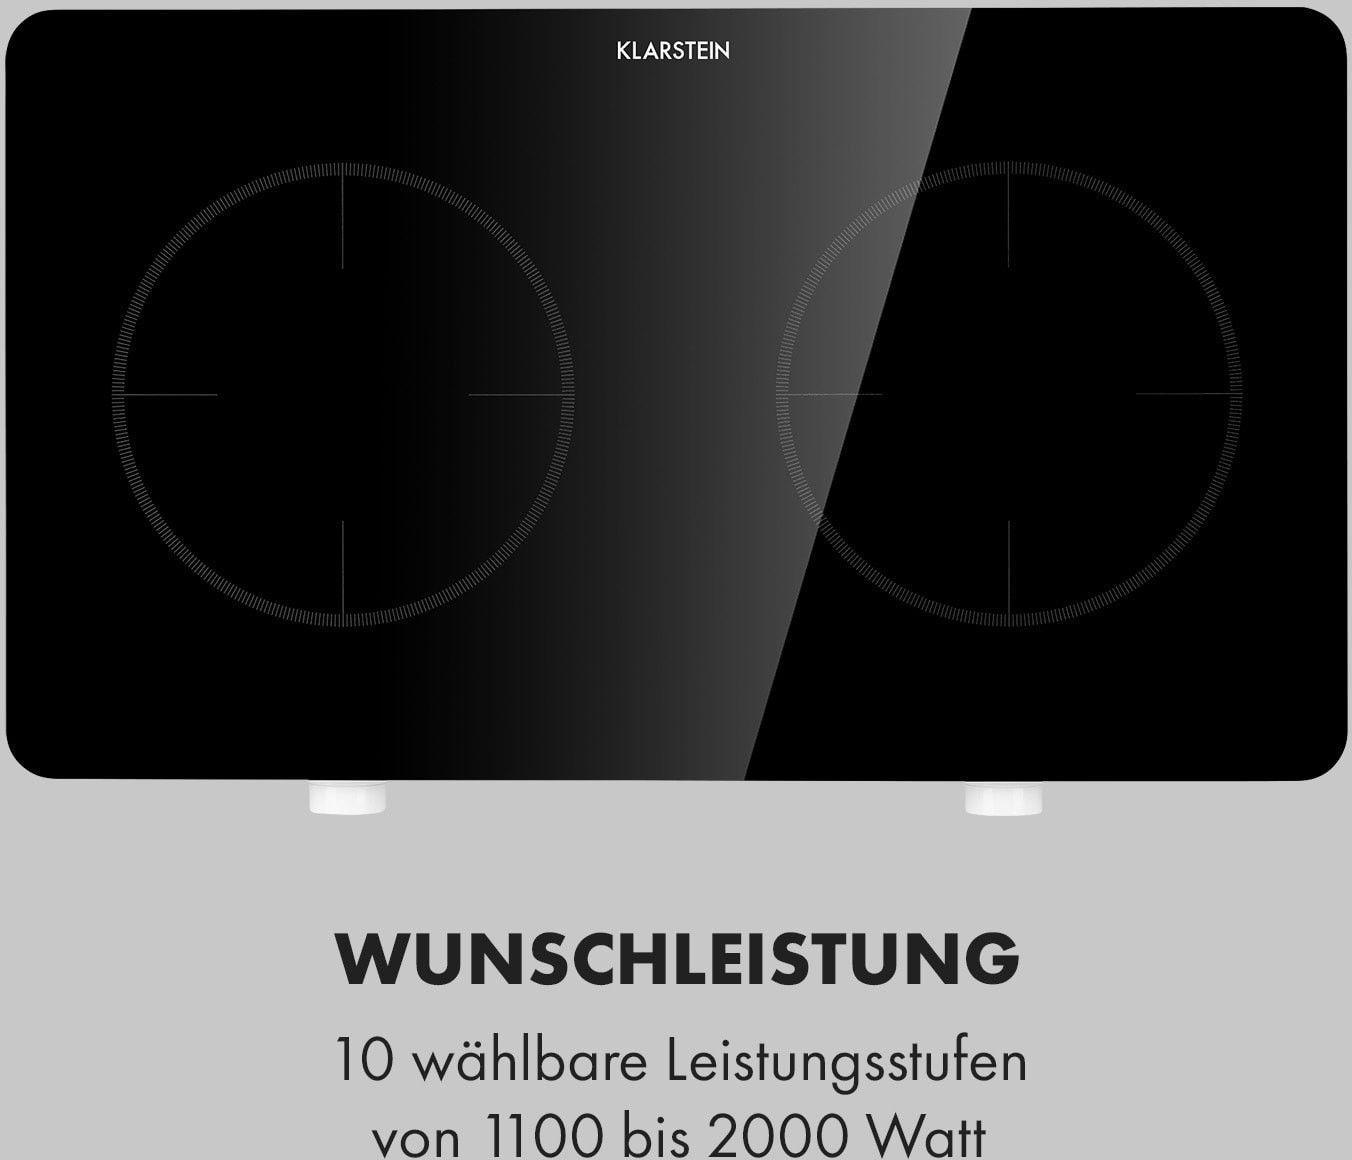 Klarstein FutureChef, płyta indukcyjna dwupalnikowa, podwójna, 3000W, 2 pola grzejne